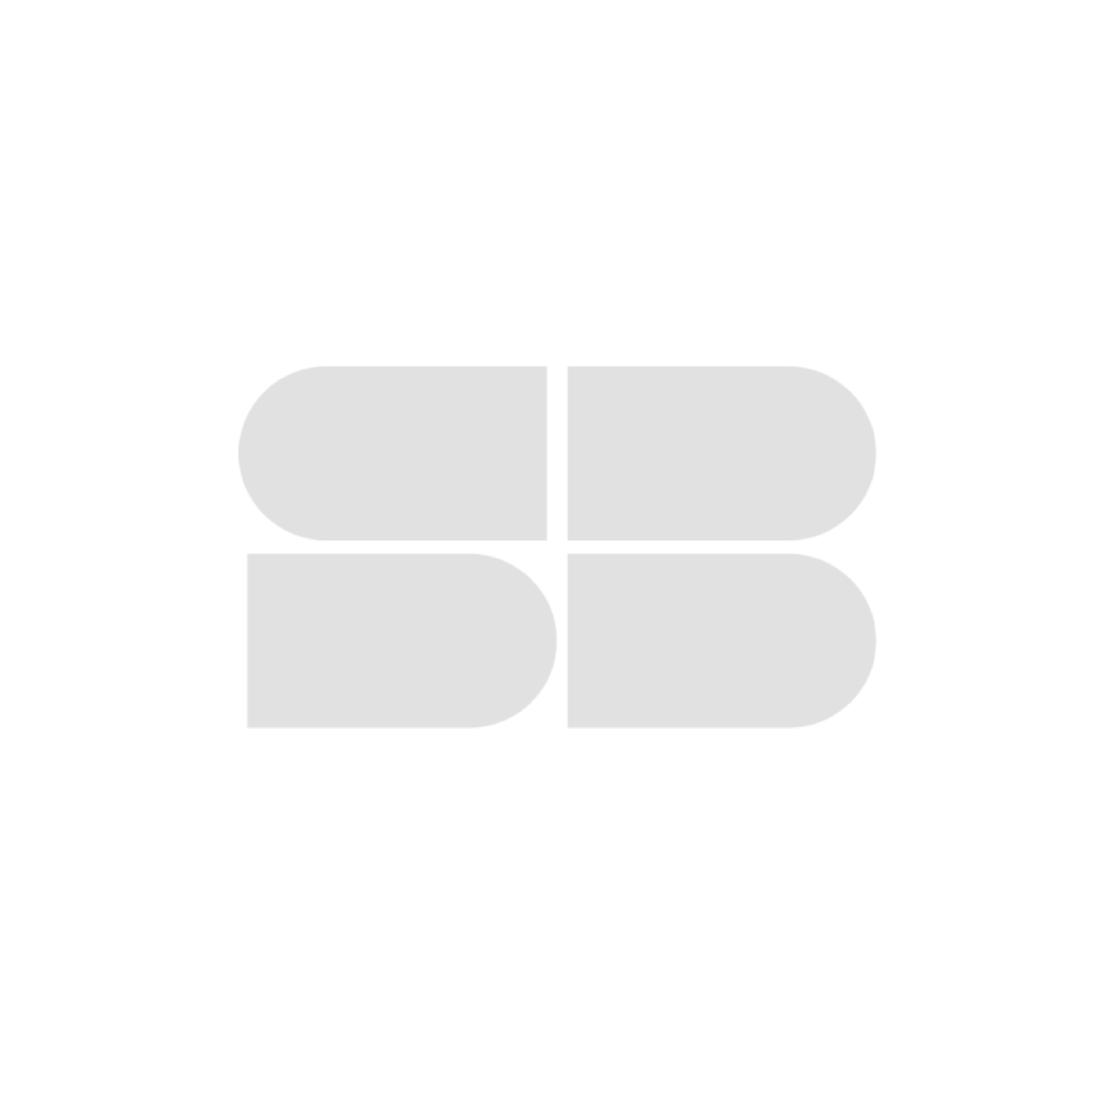 เบาะนวดอเนกประสงค์ Amaxs รุ่น I-Comfy 108 สีดำ-02